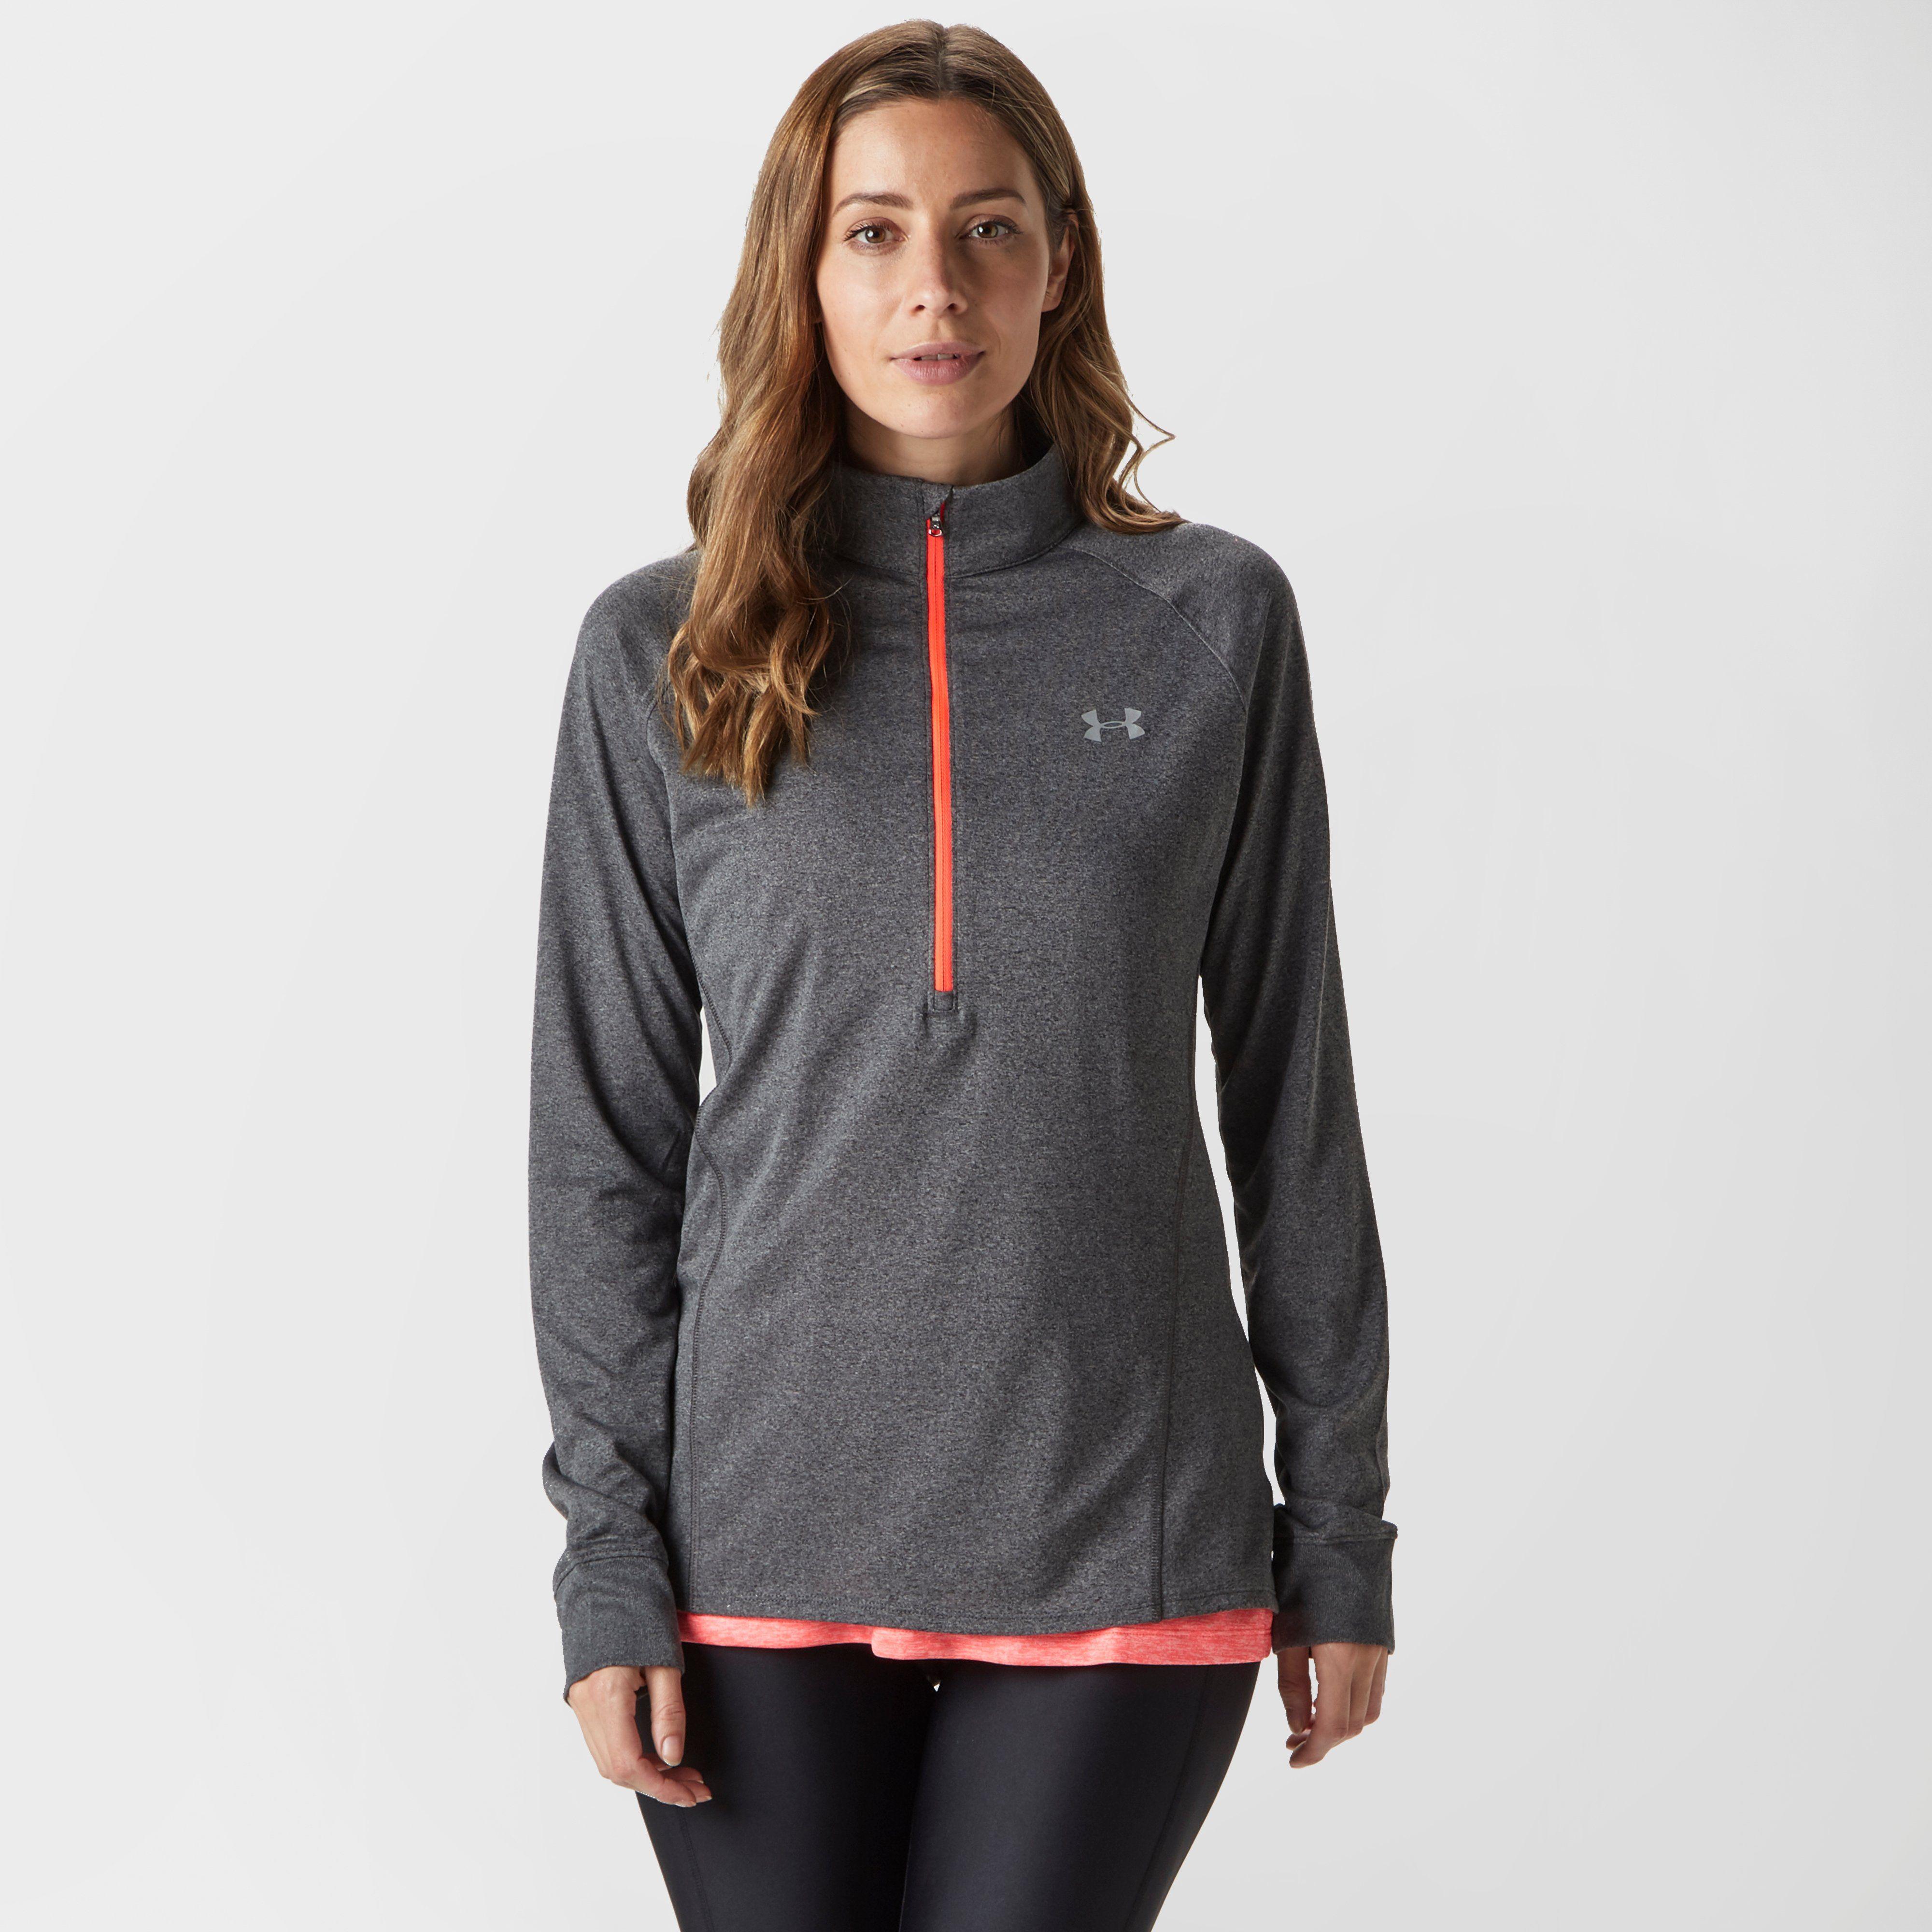 UNDER ARMOUR Women's UA Tech Half-Zip Twist Sweatshirt